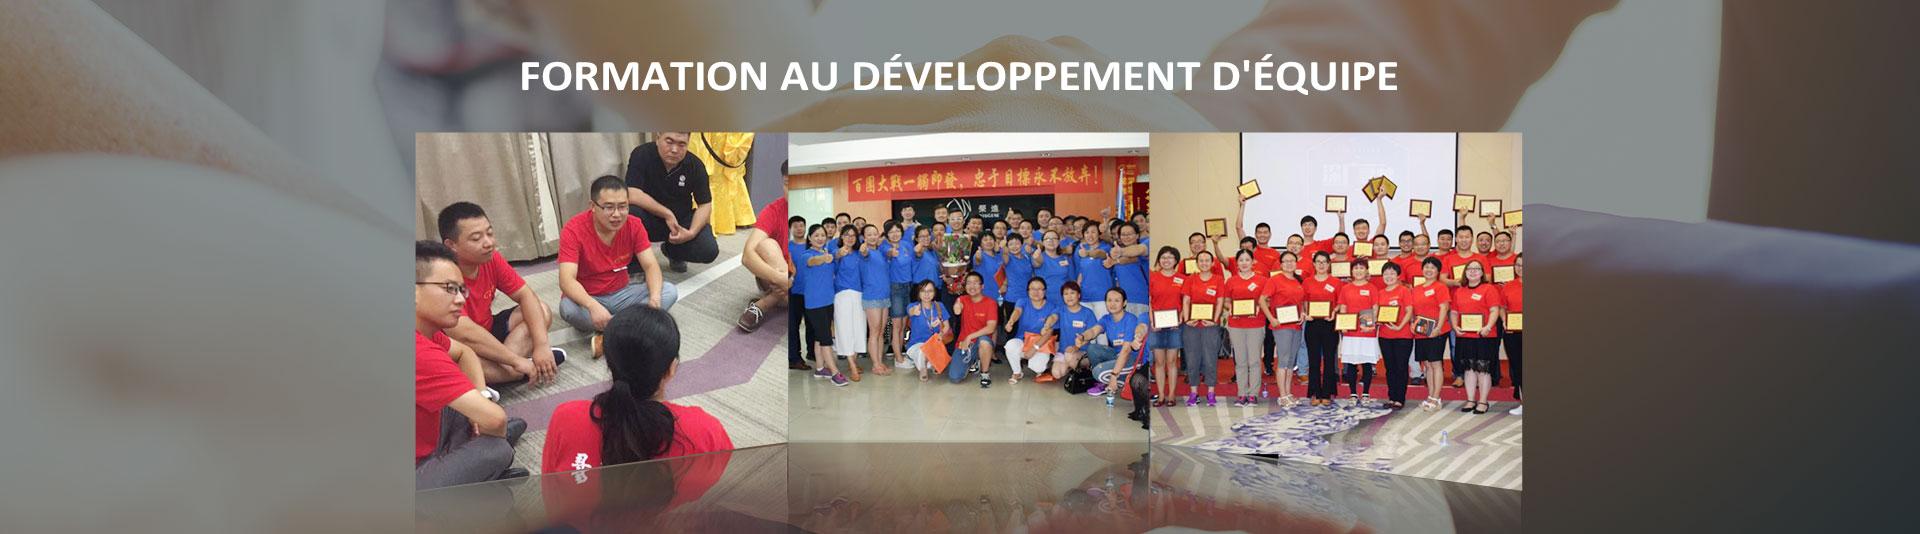 Formation au développement d\'équipe